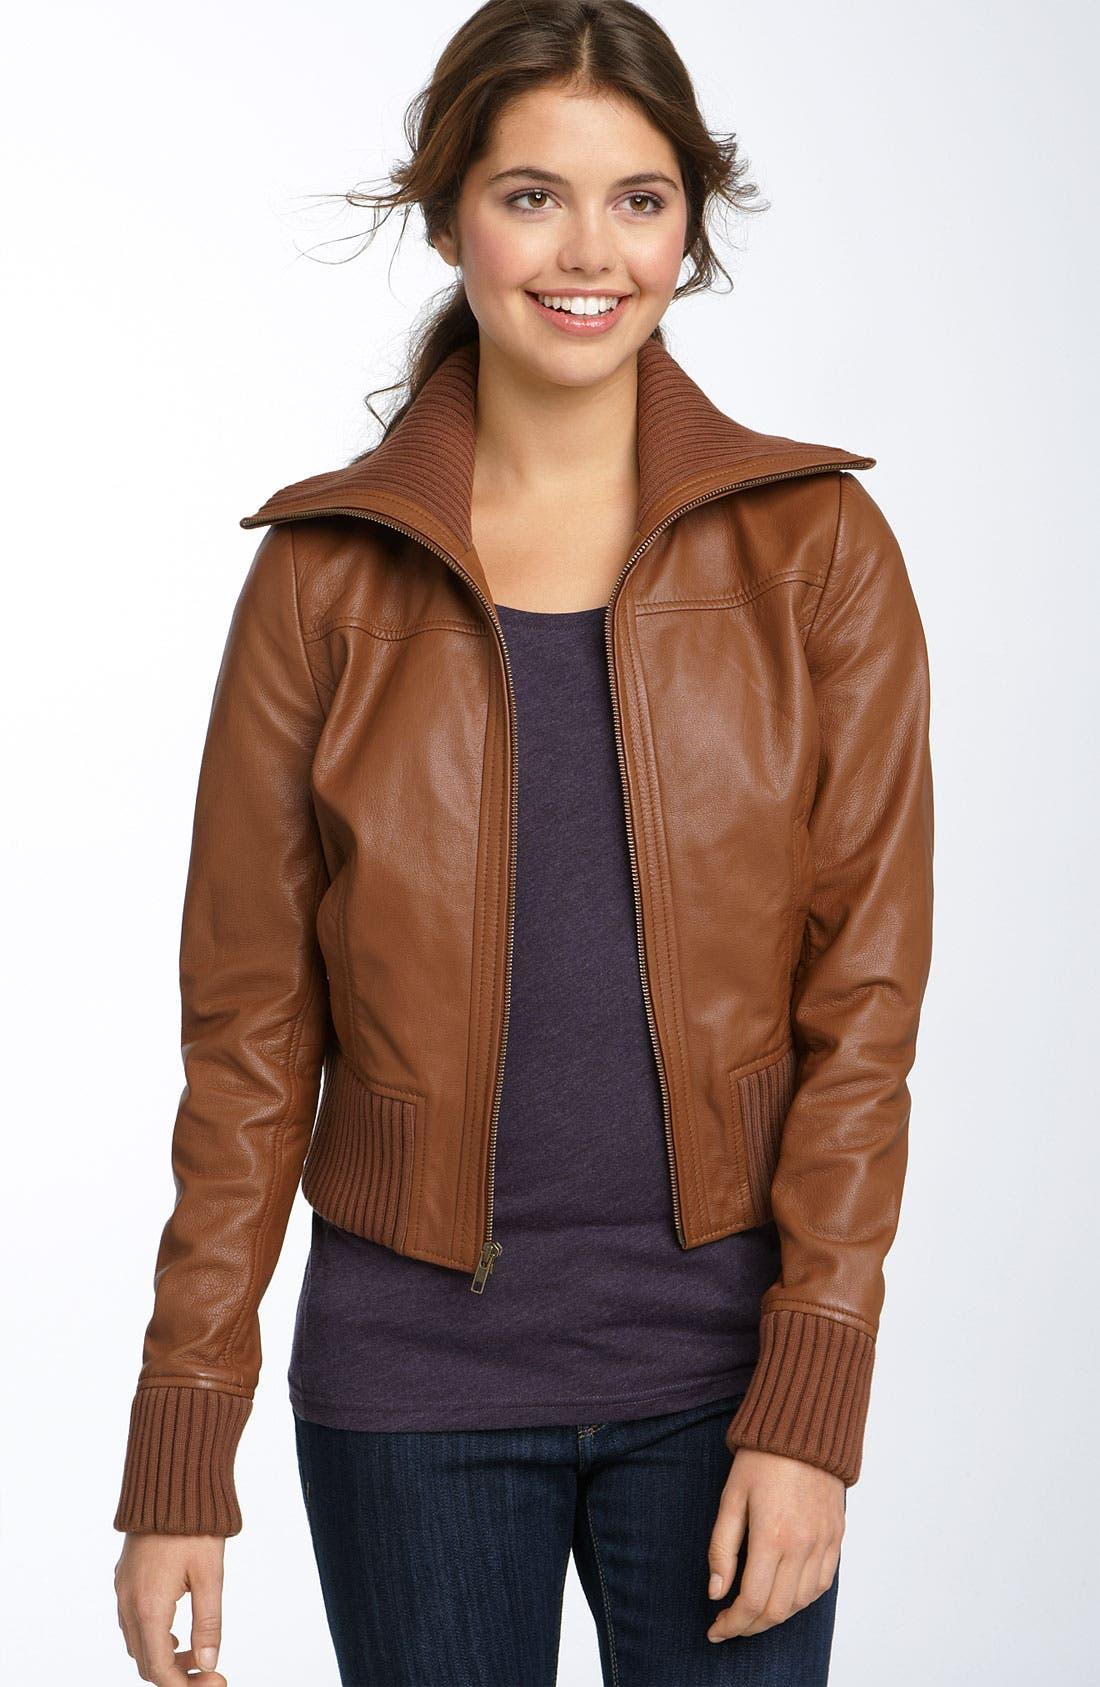 Alternate Image 1 Selected - Frenchi® Leather Bomber Jacket (Juniors)